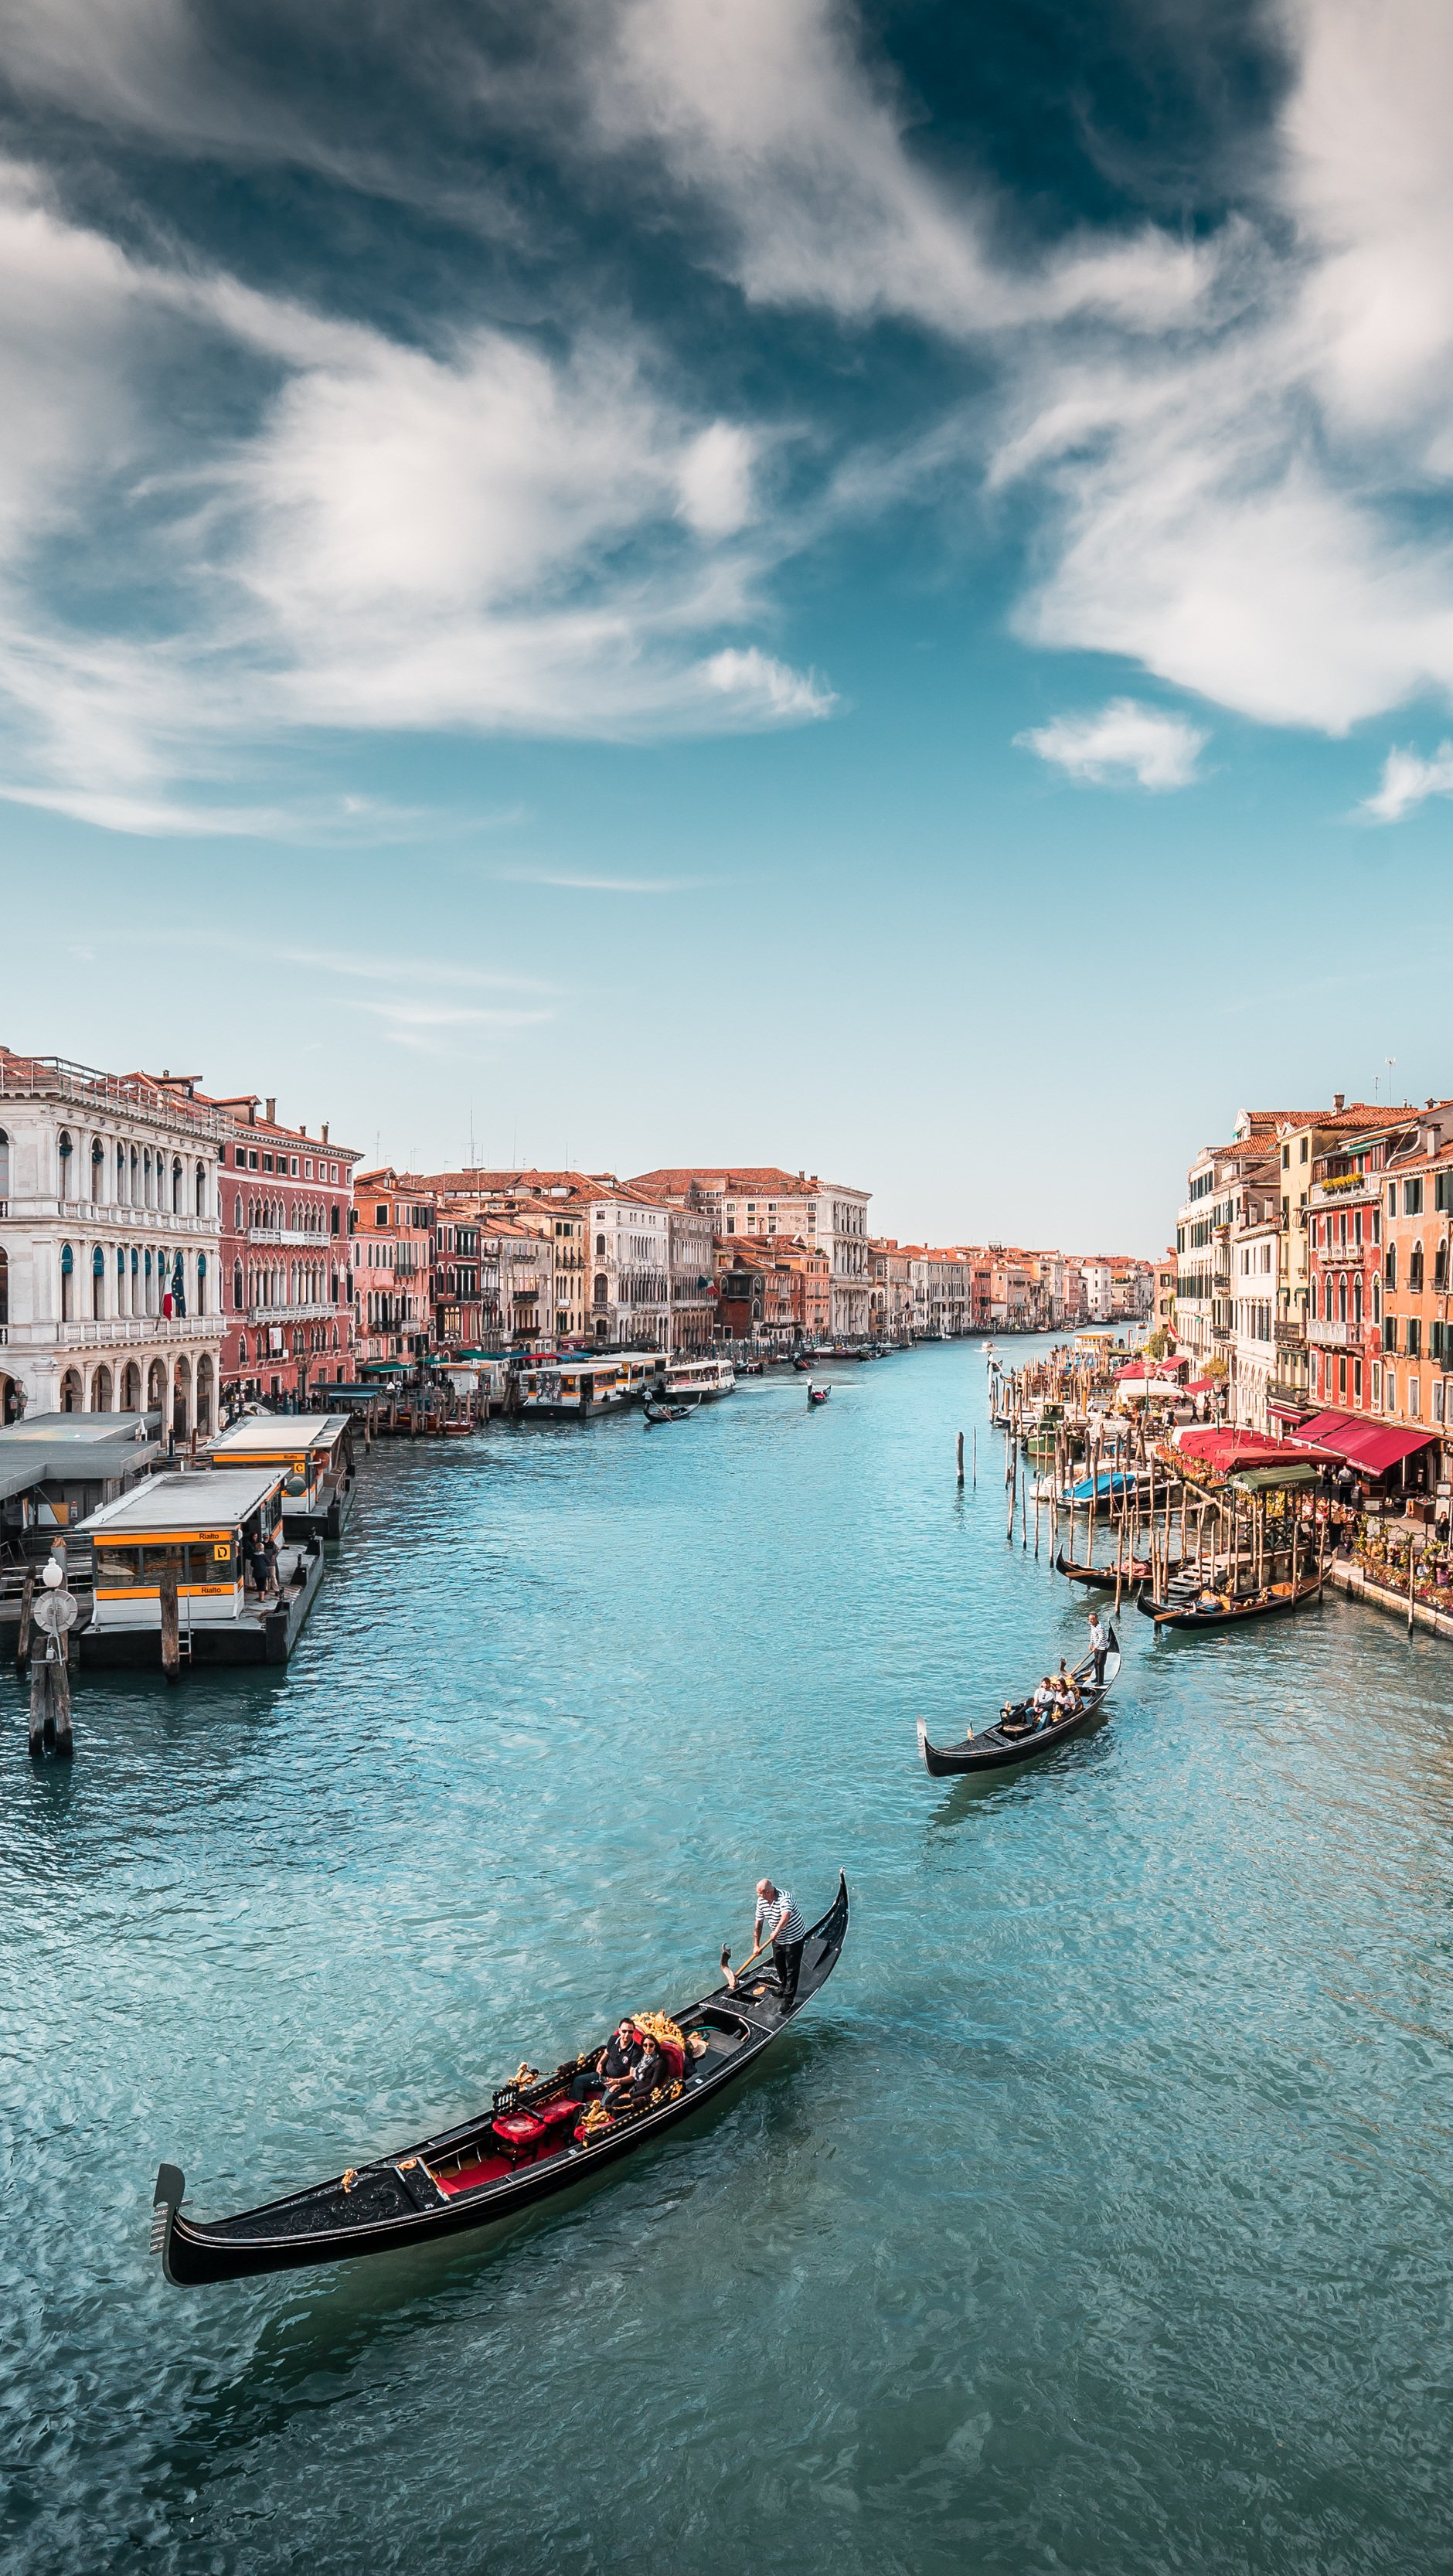 Fondos de pantalla Botes en canal de Venecia Italia Vertical